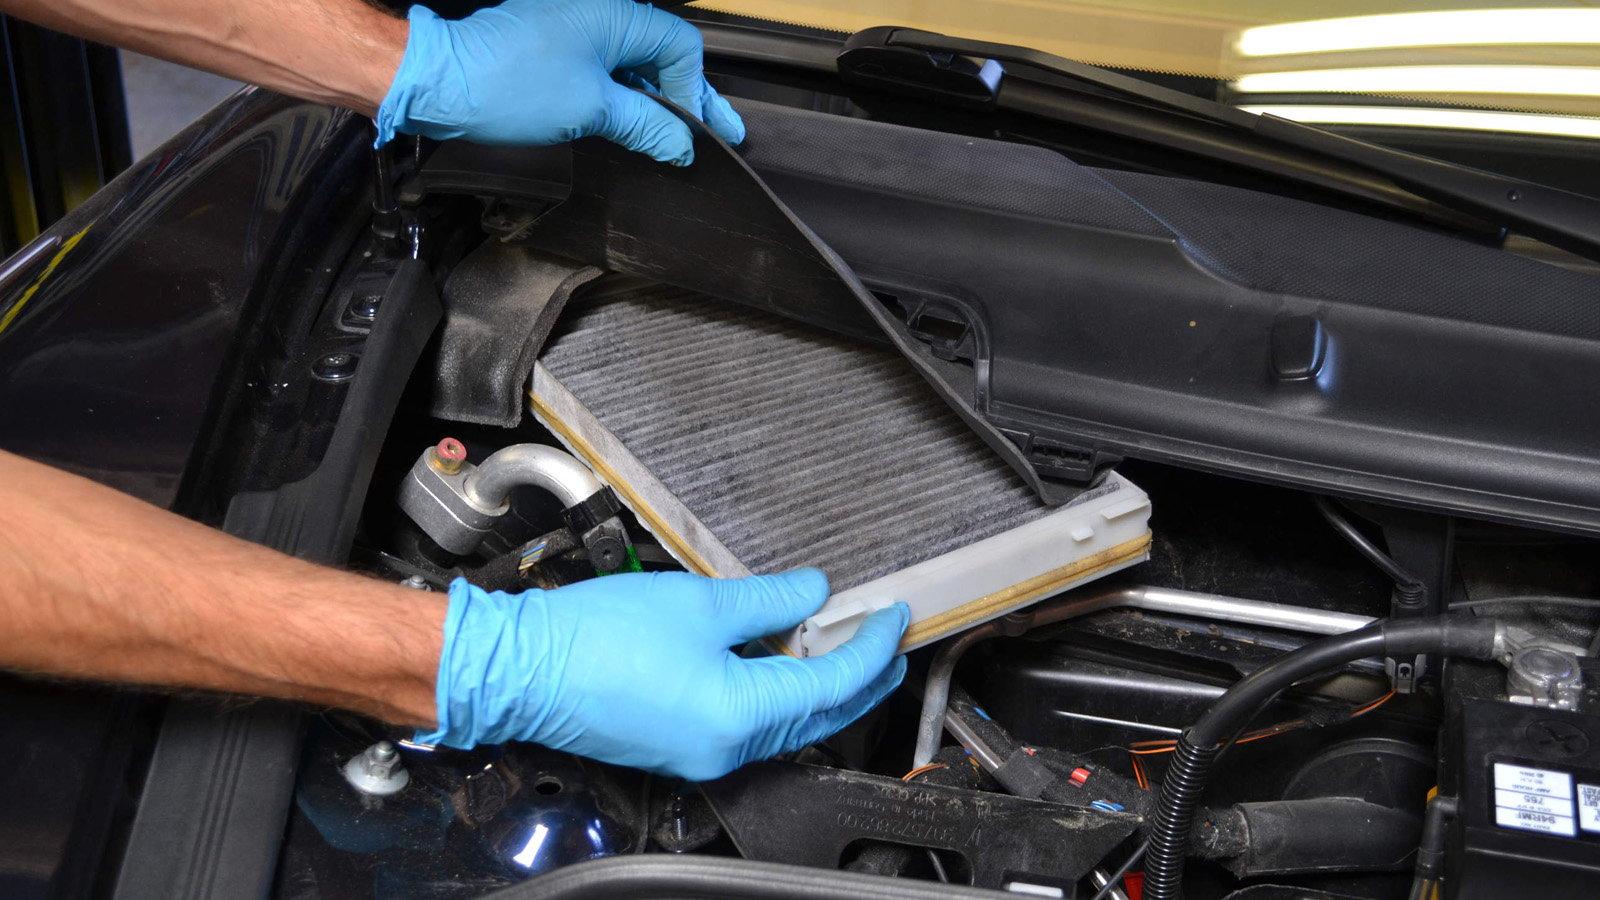 Человек носит перчатки, чтобы работать внутри автомобиля.